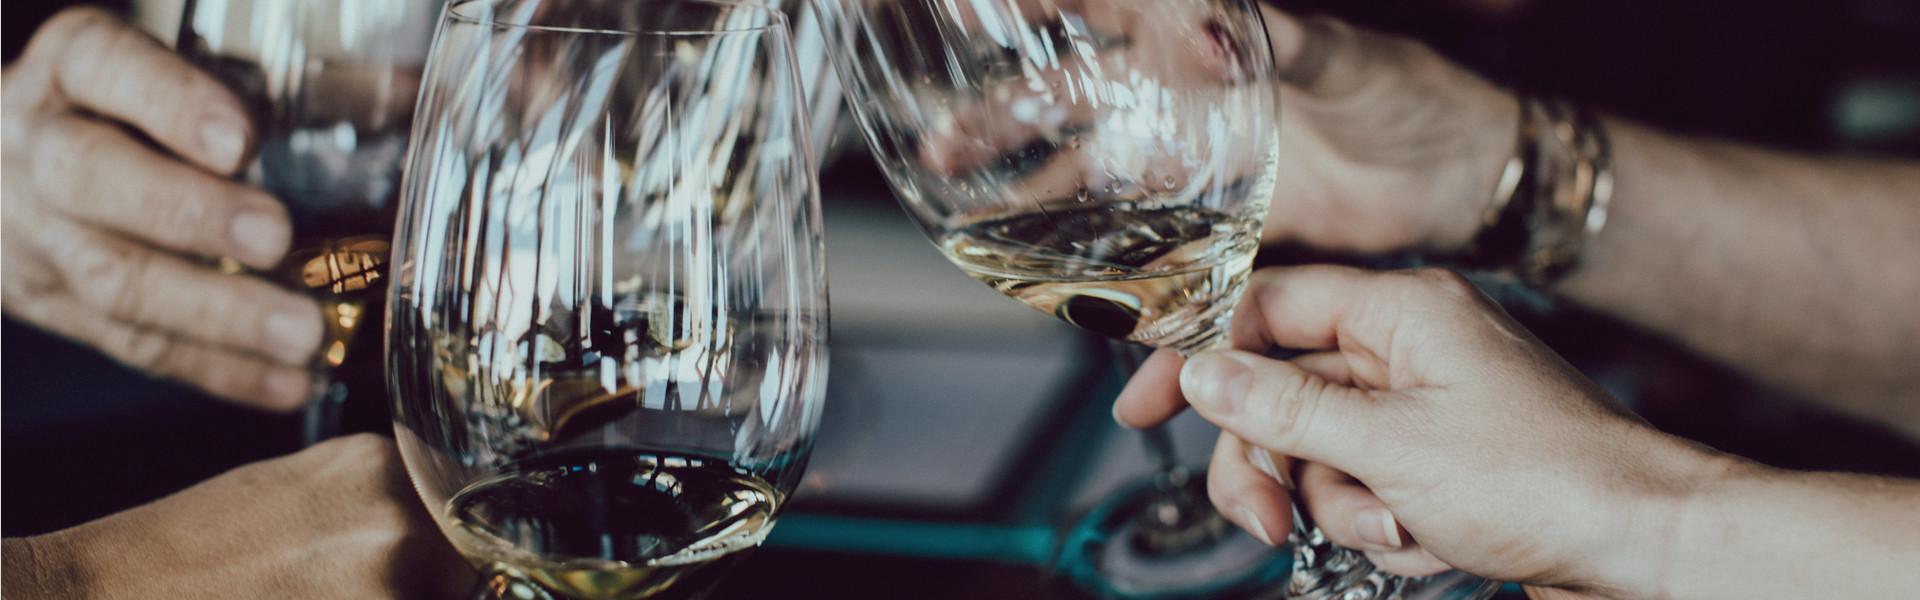 Vin & Passion - Centropolis